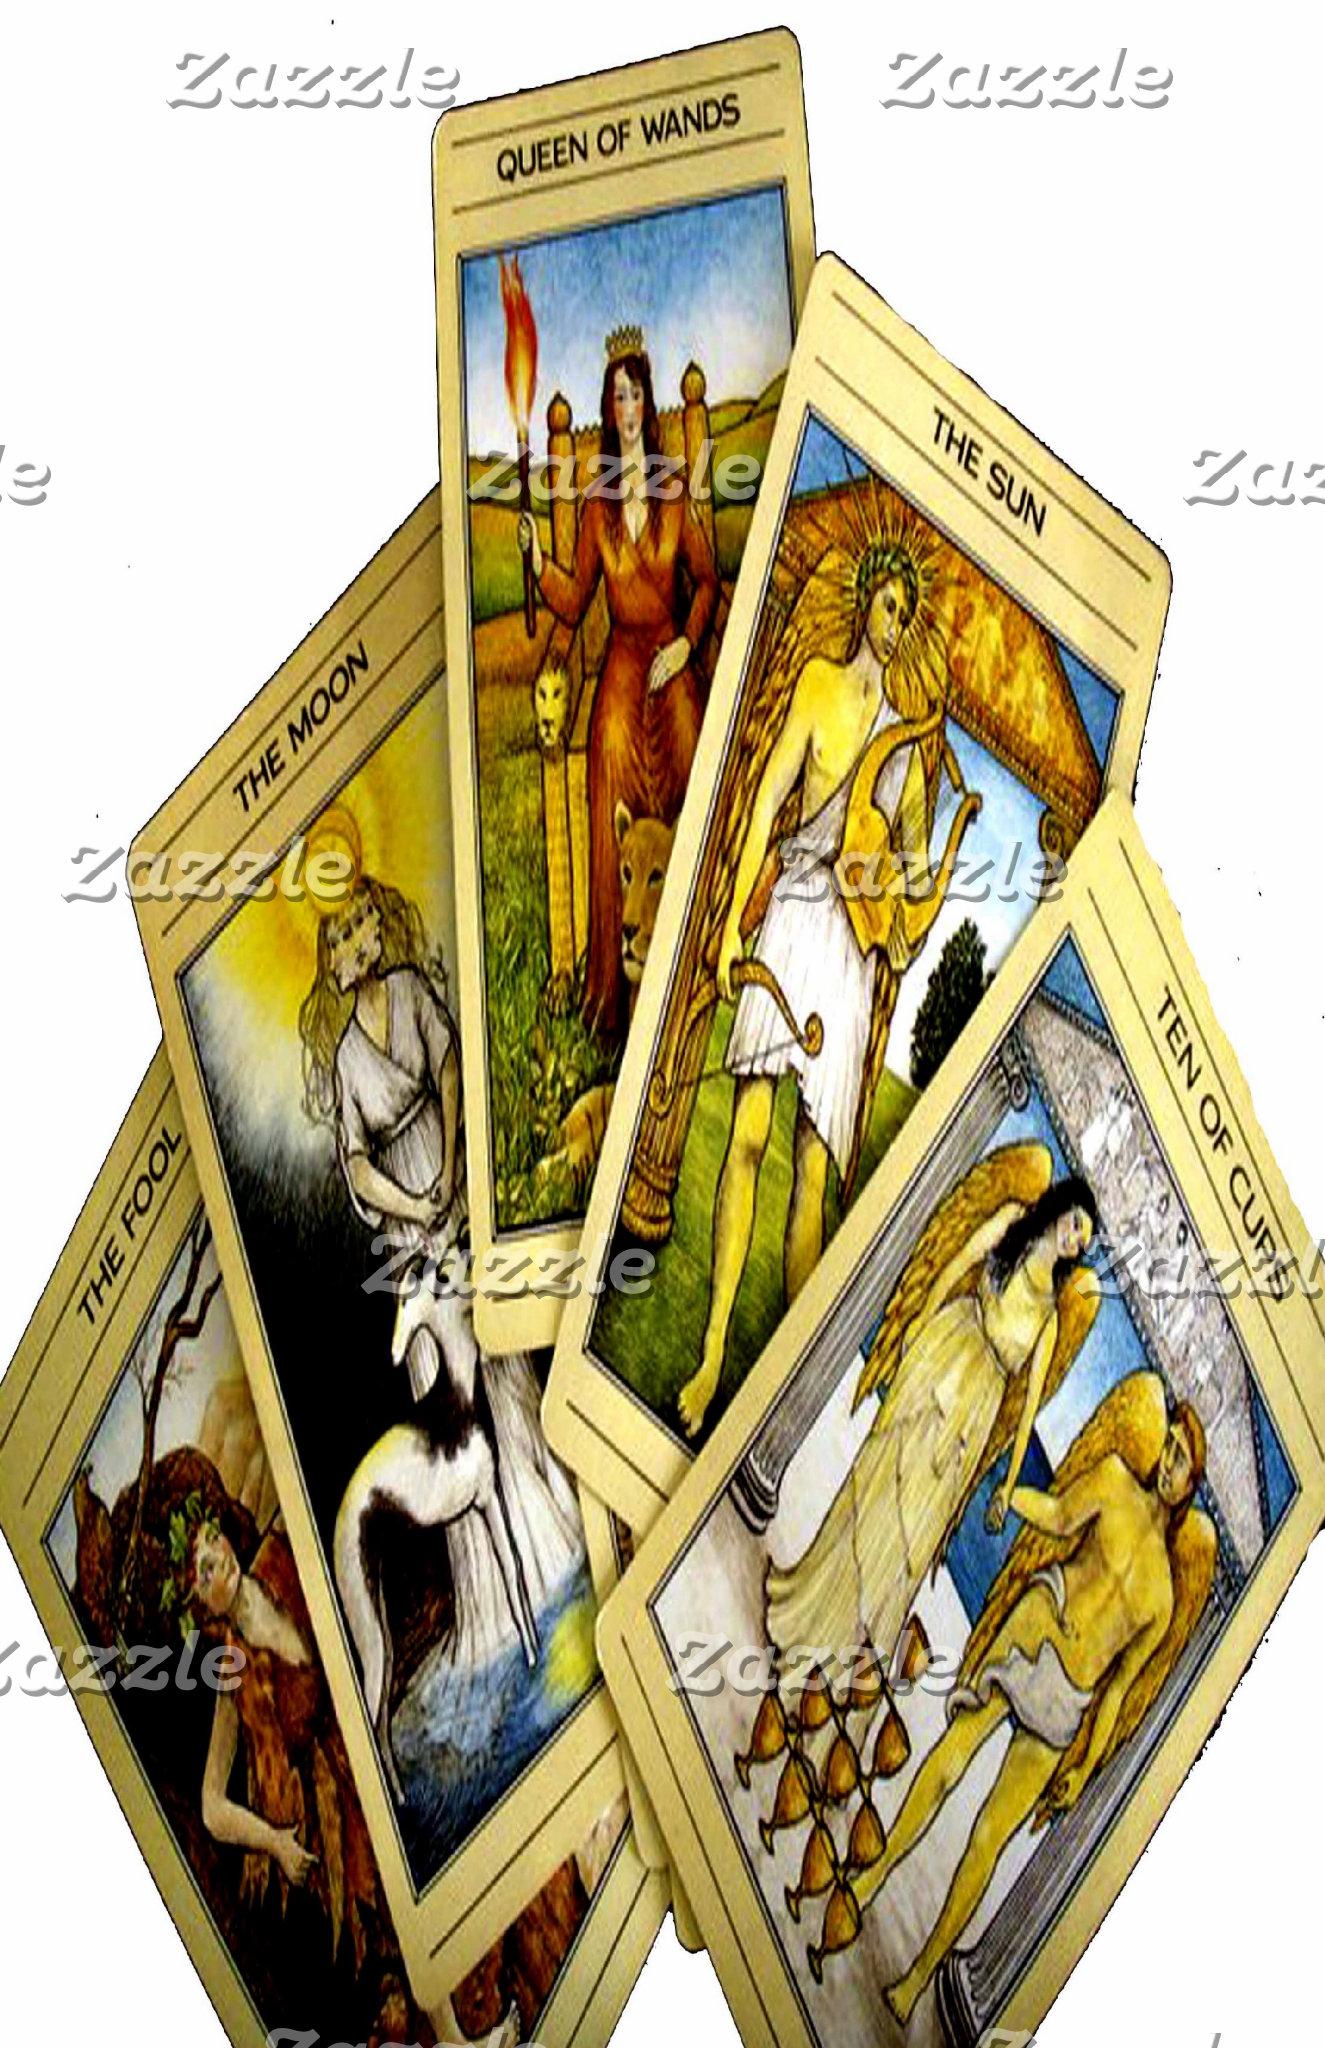 TAROT CARDS DESIGNS BY LIZ LOZ